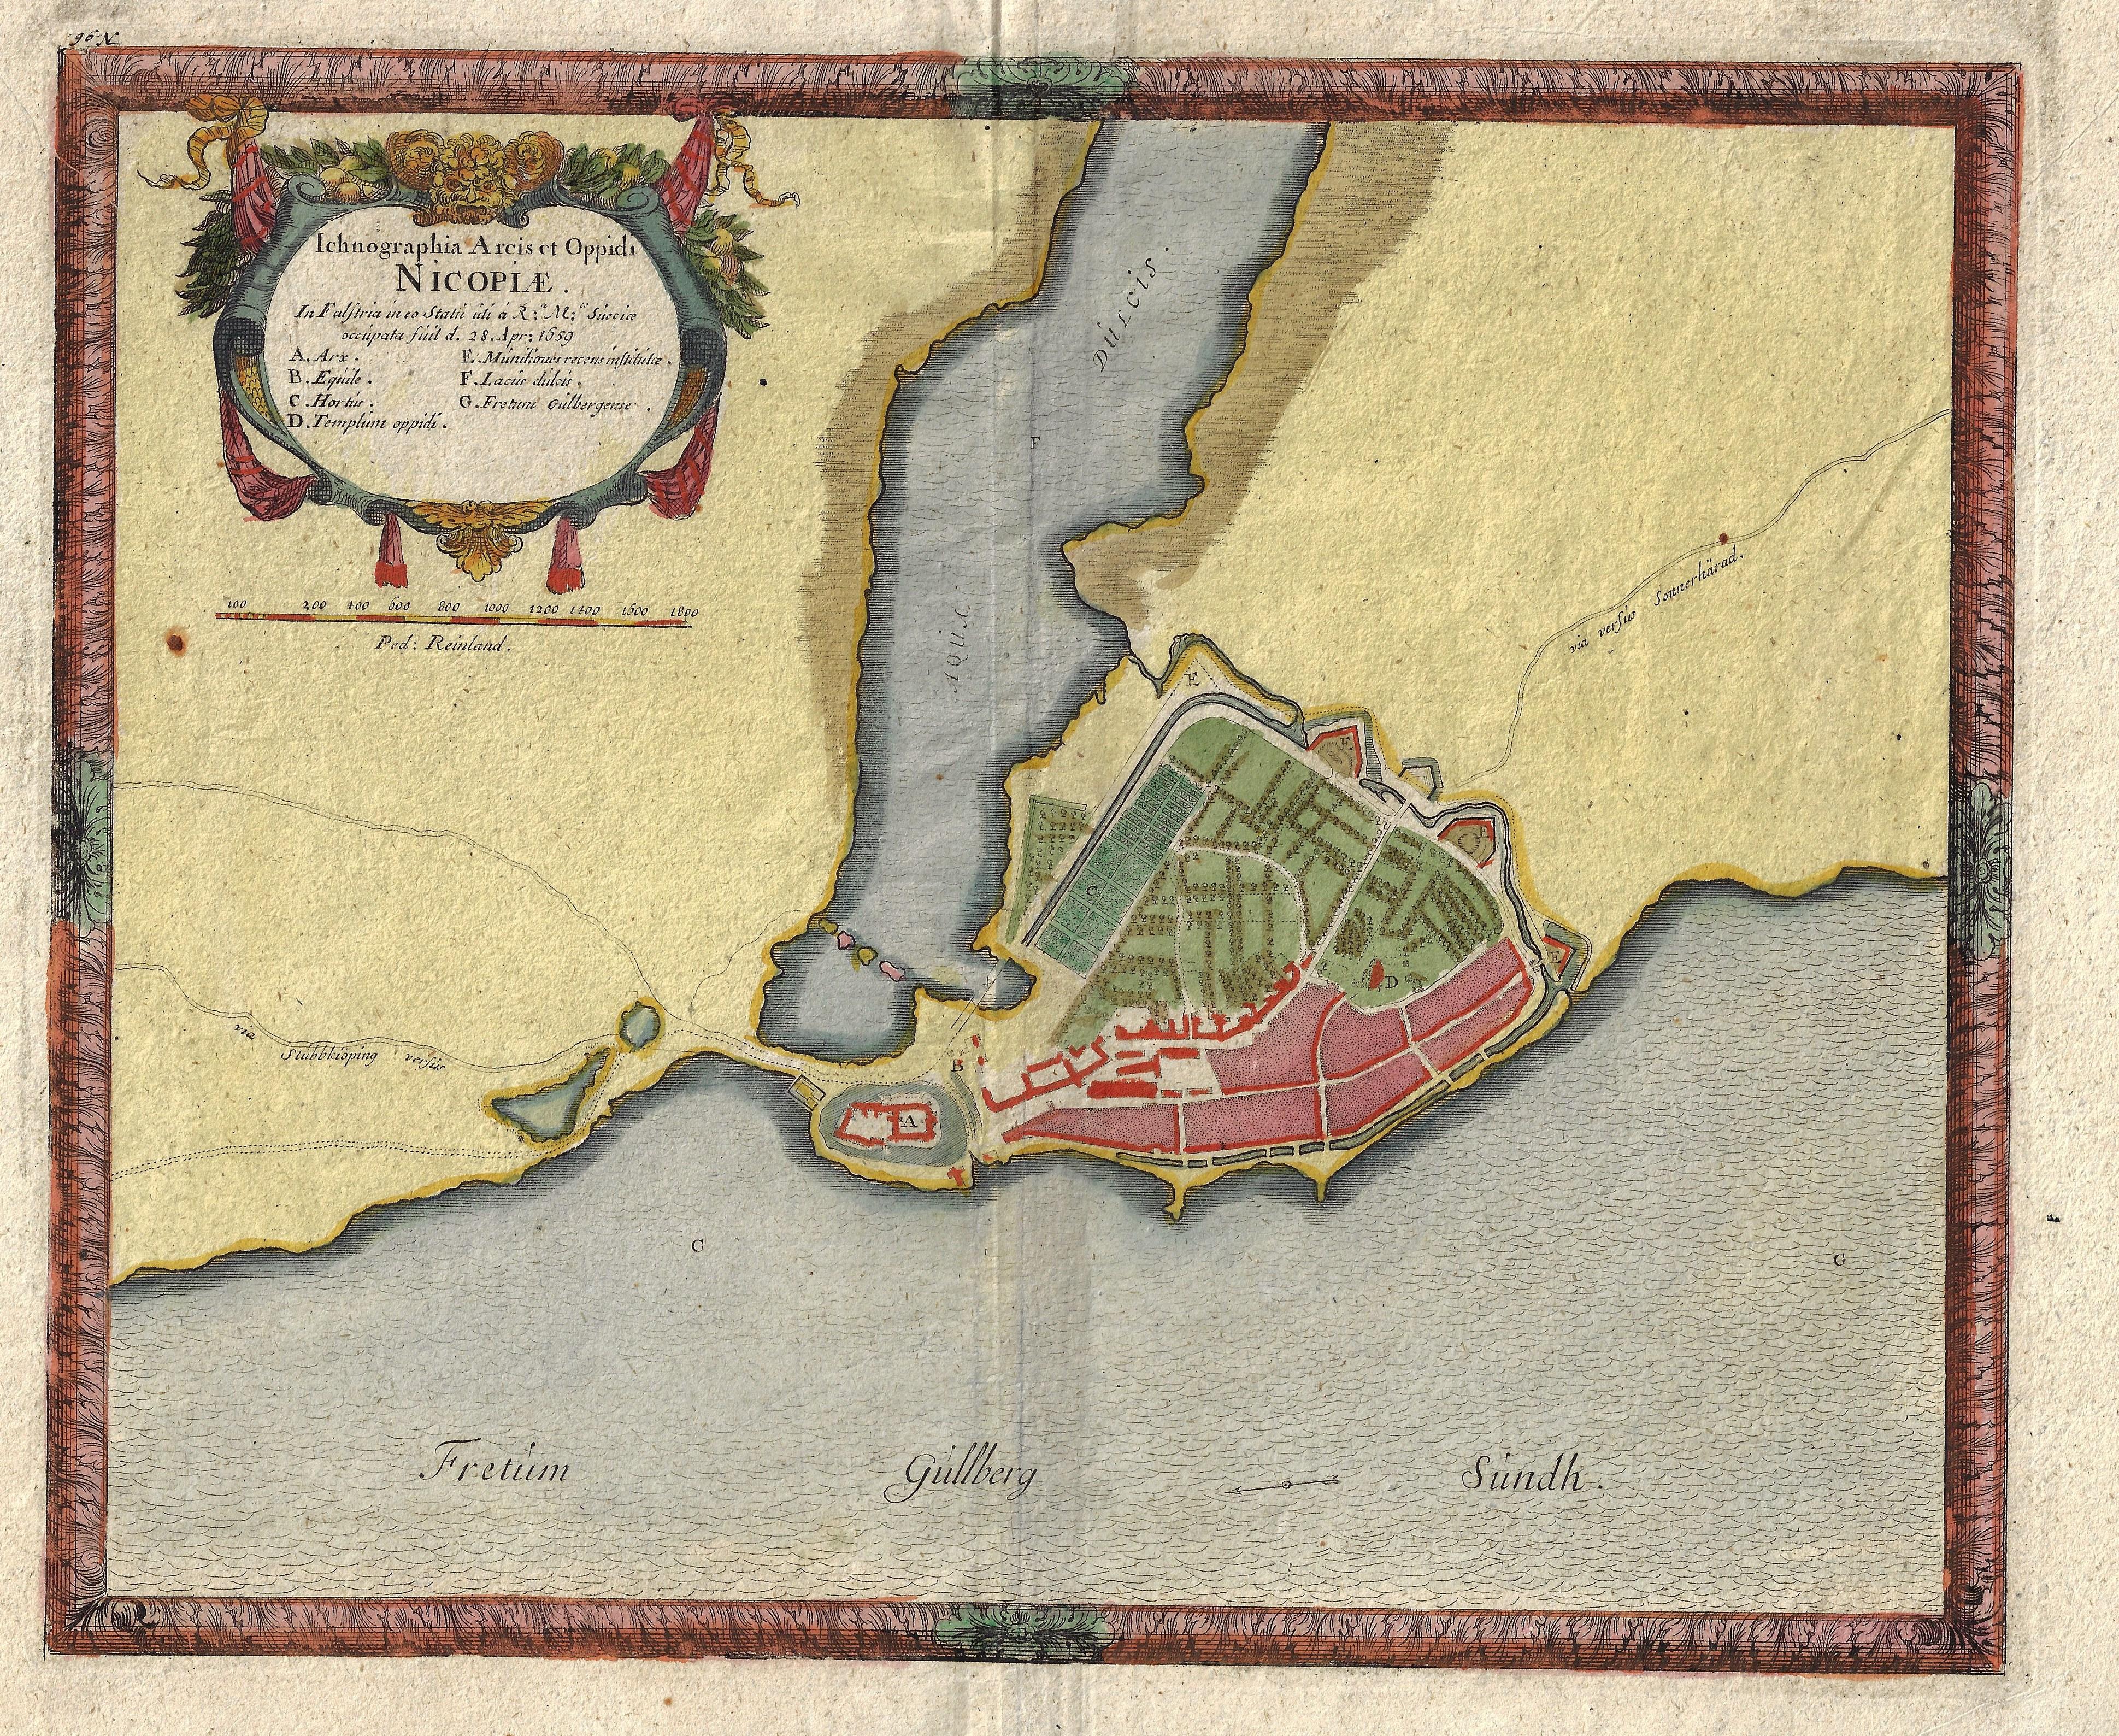 Pufendorf, Baron von  Ichnographia Arcis et Oppidi Nicopiae.